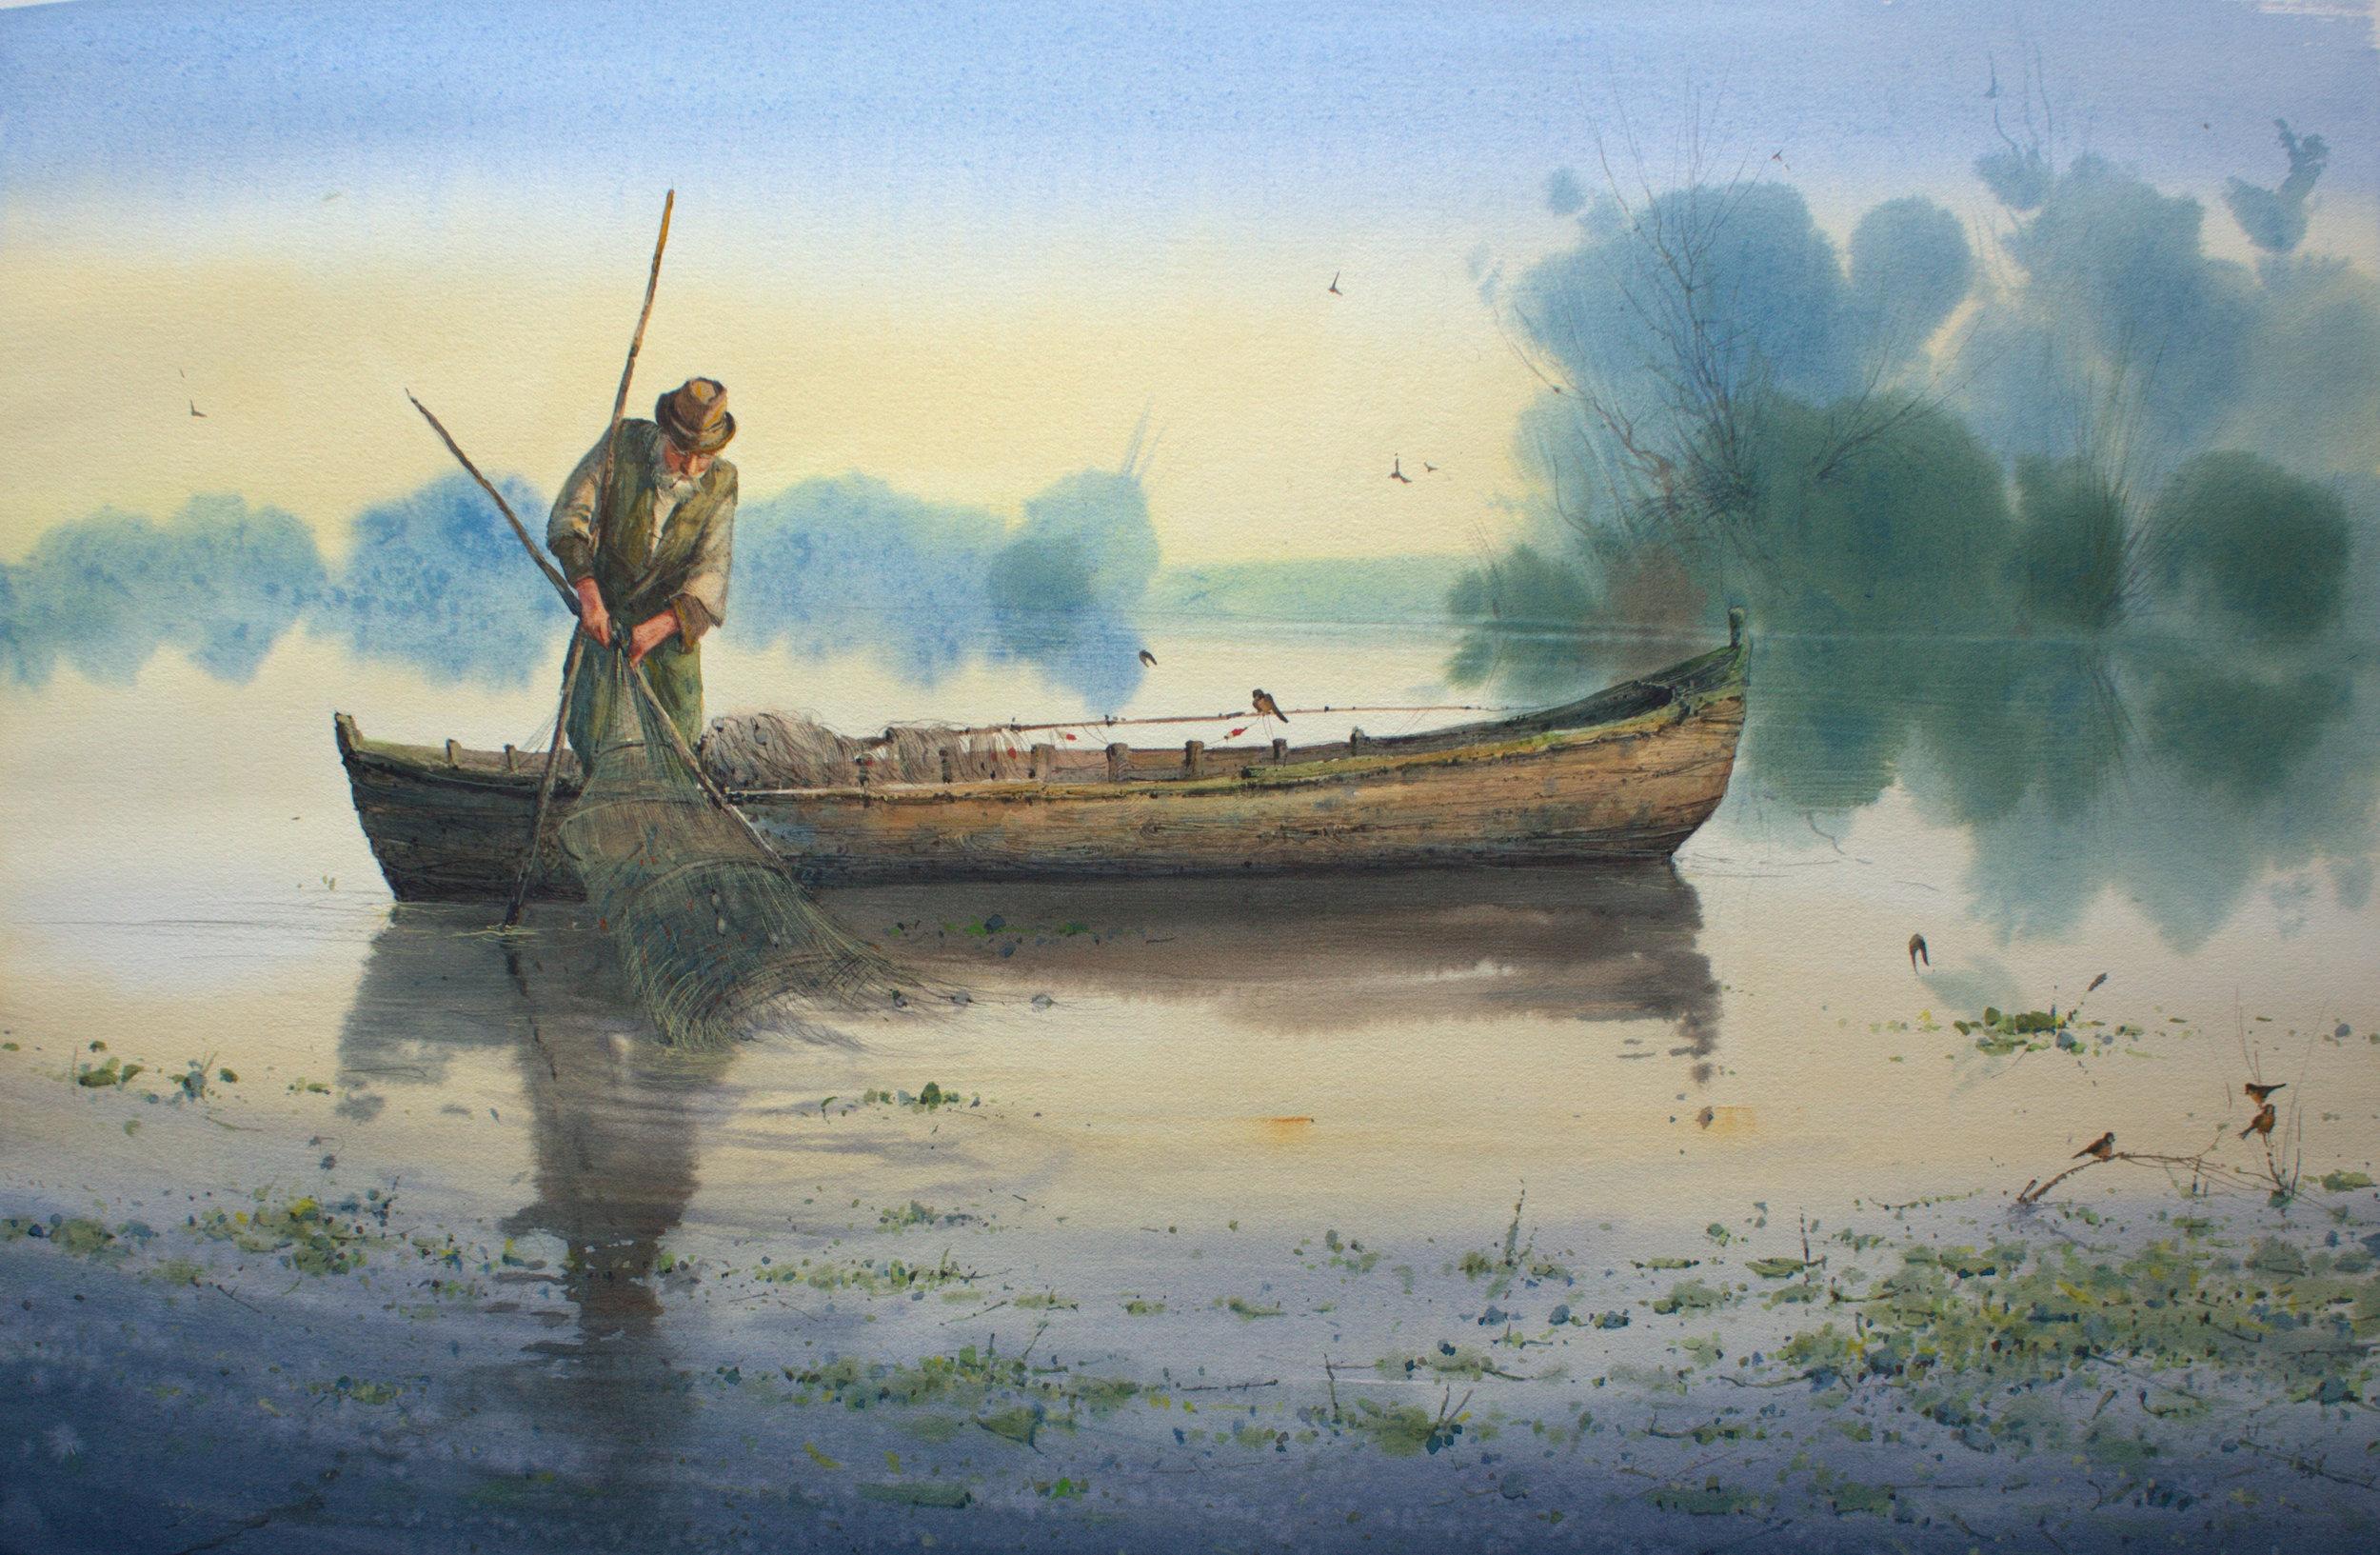 E.Gorean_Winter 36 x 55 cm 1561781596974_IMG_9920.CR2.jpg